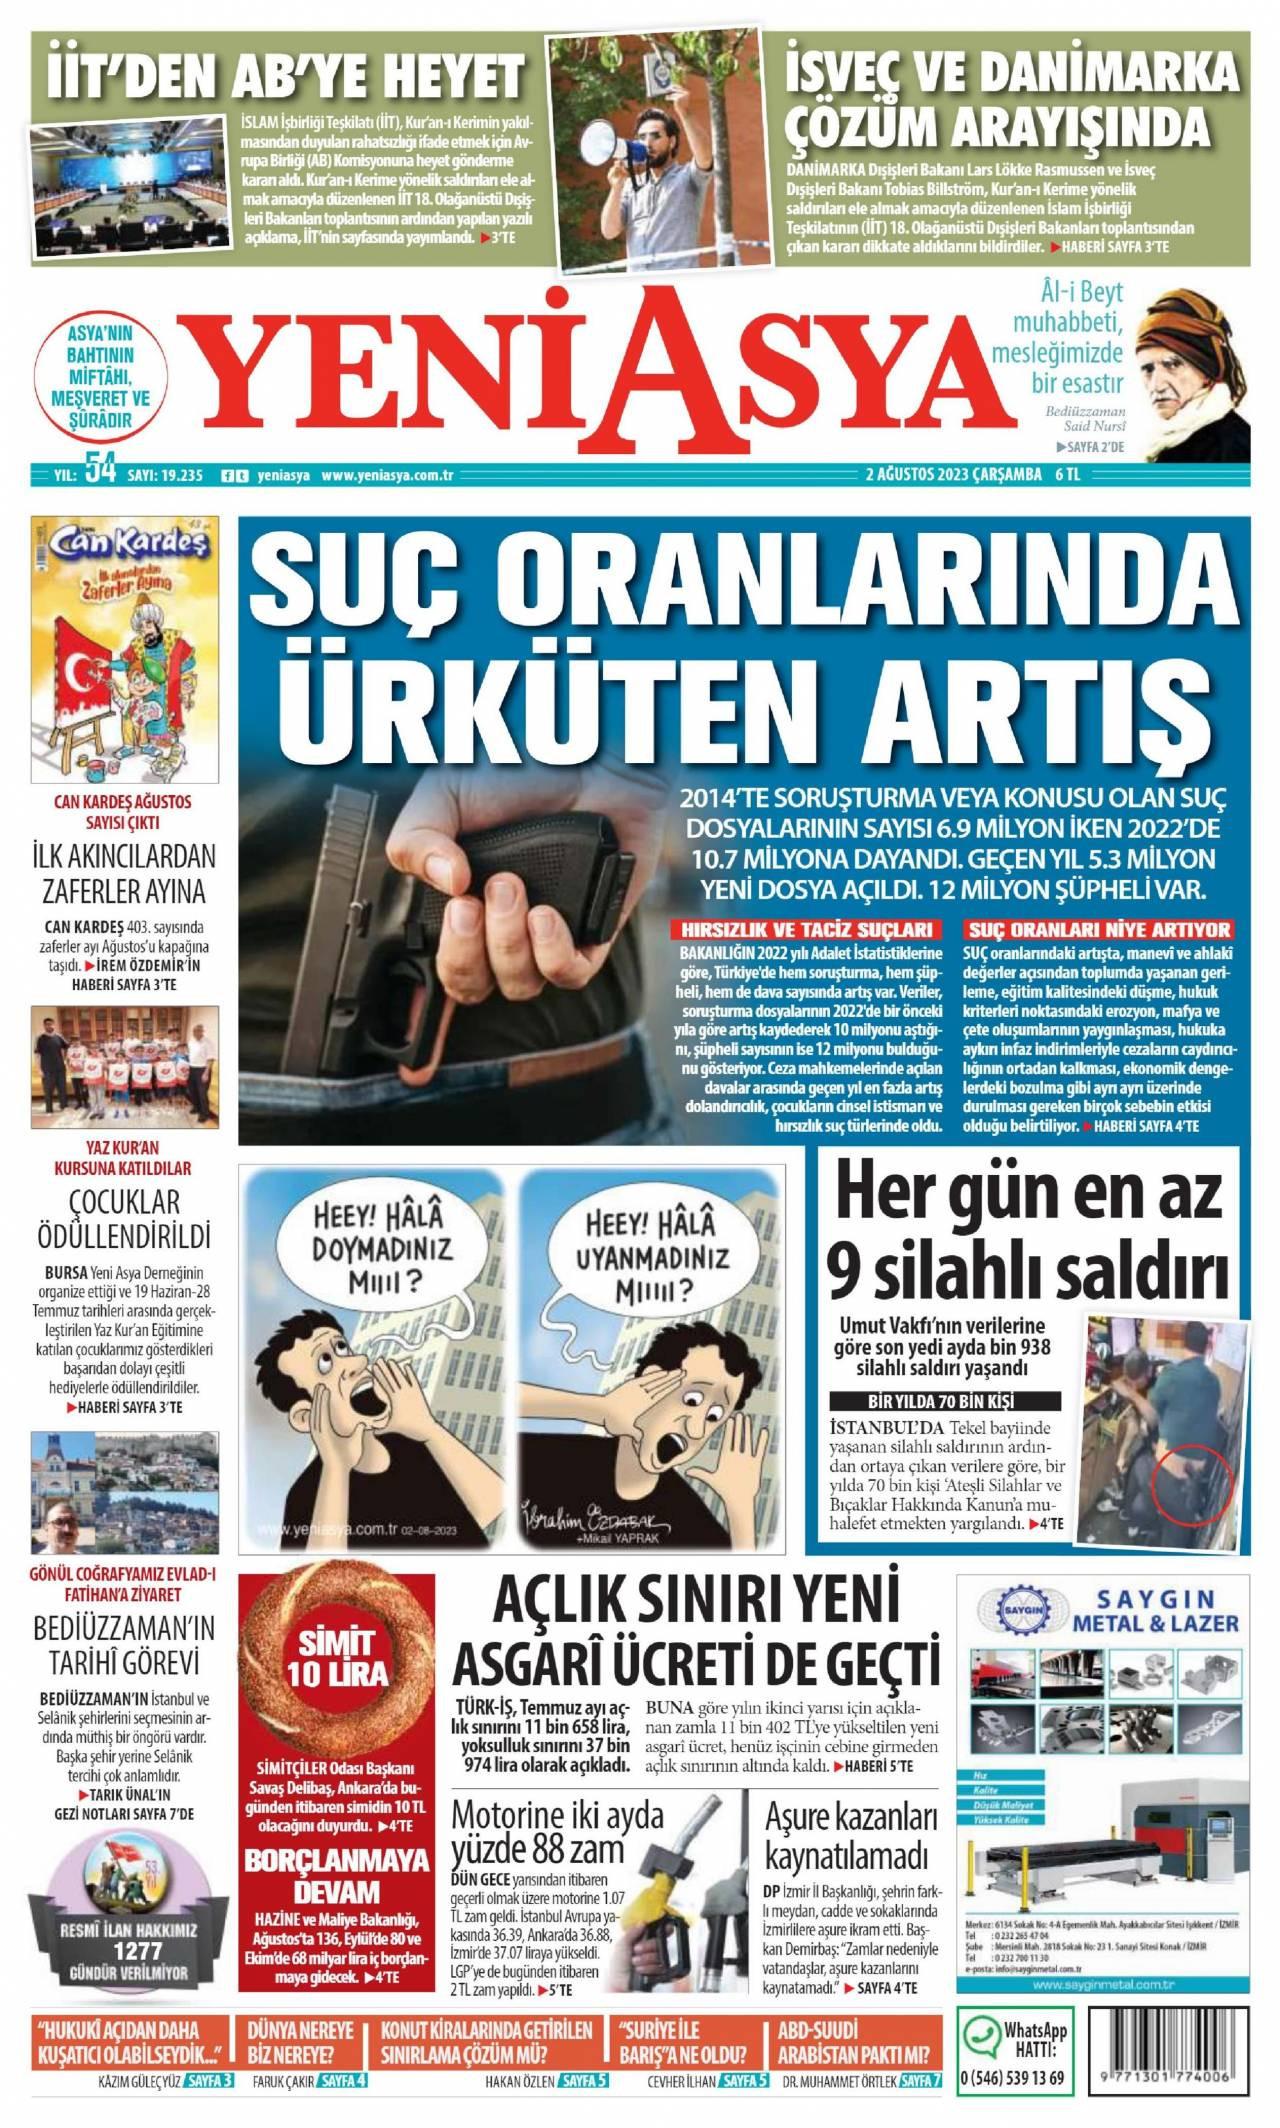 Gazete Manşetleri 4 Kasım 2018 Pazar Kdz Ereğli Haber Eregli